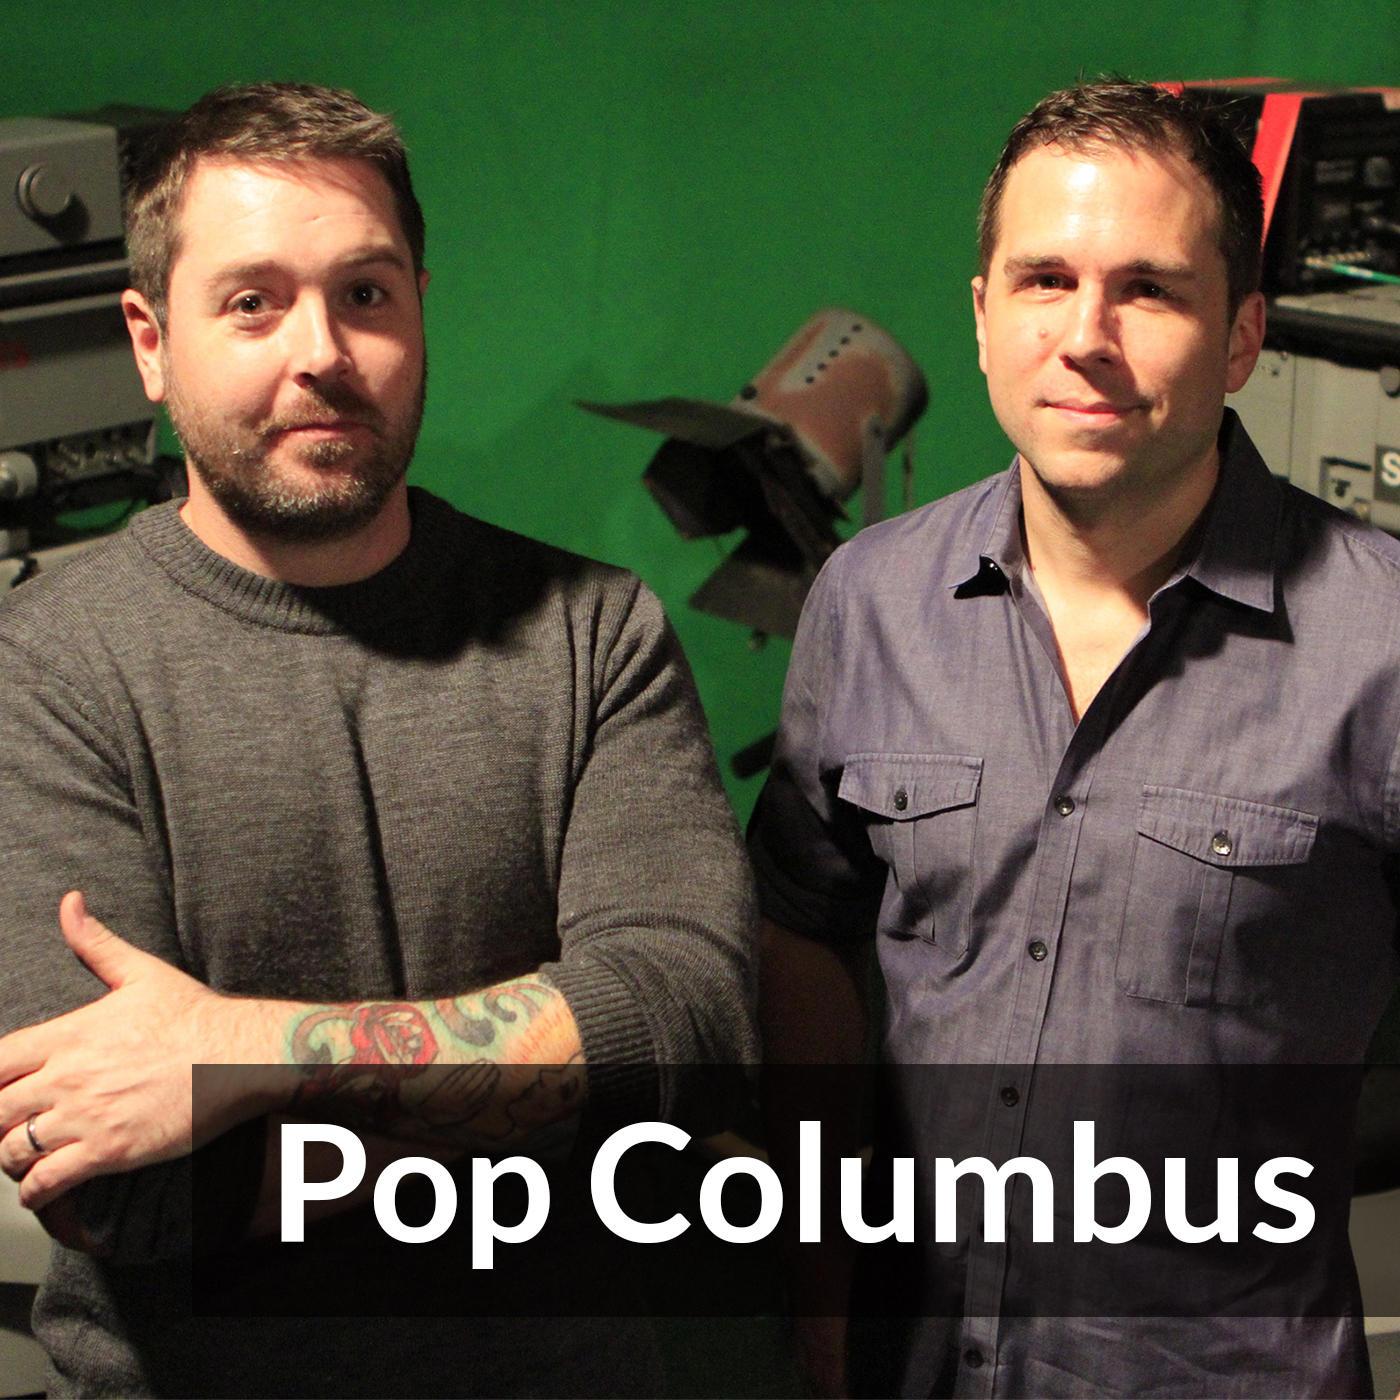 Pop Columbus